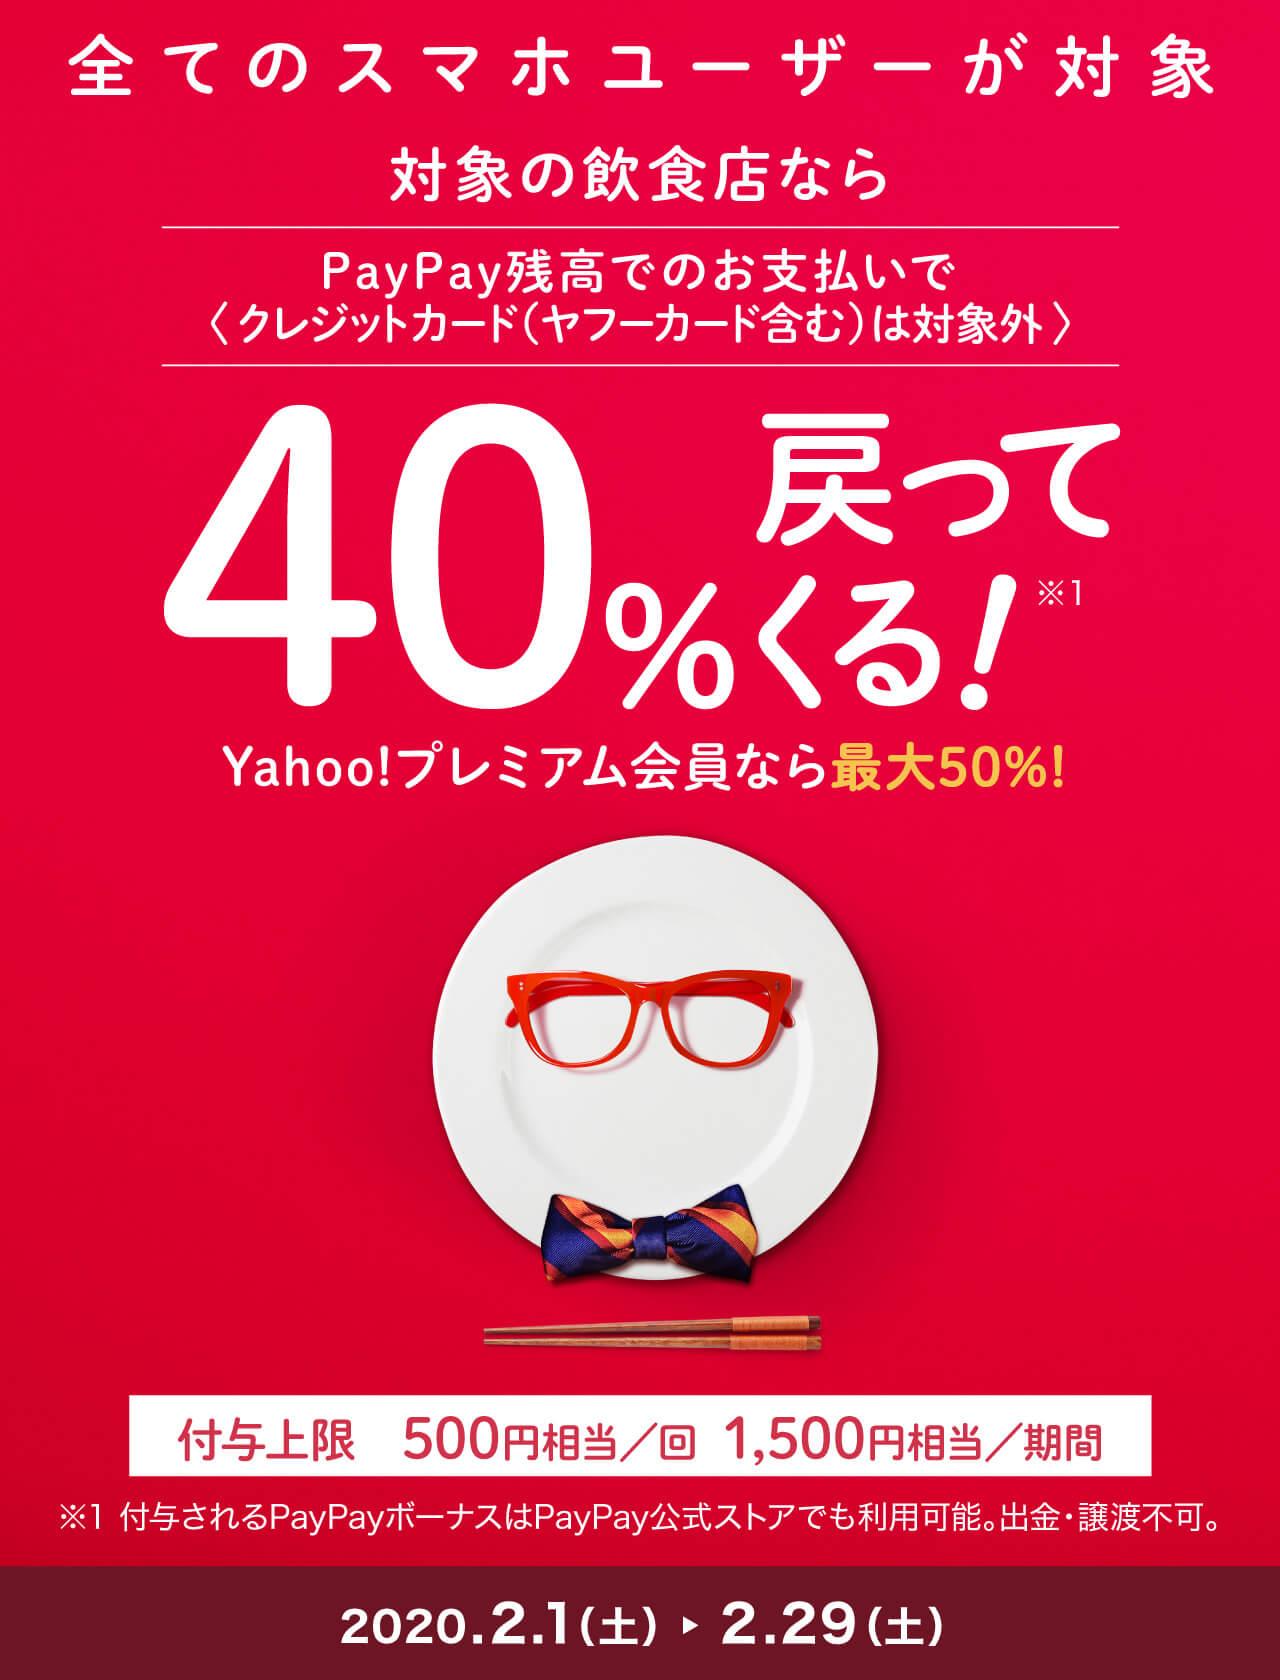 PayPay、2月の対象の飲食店で40%or50%還元キャンペーンは結構デカい?